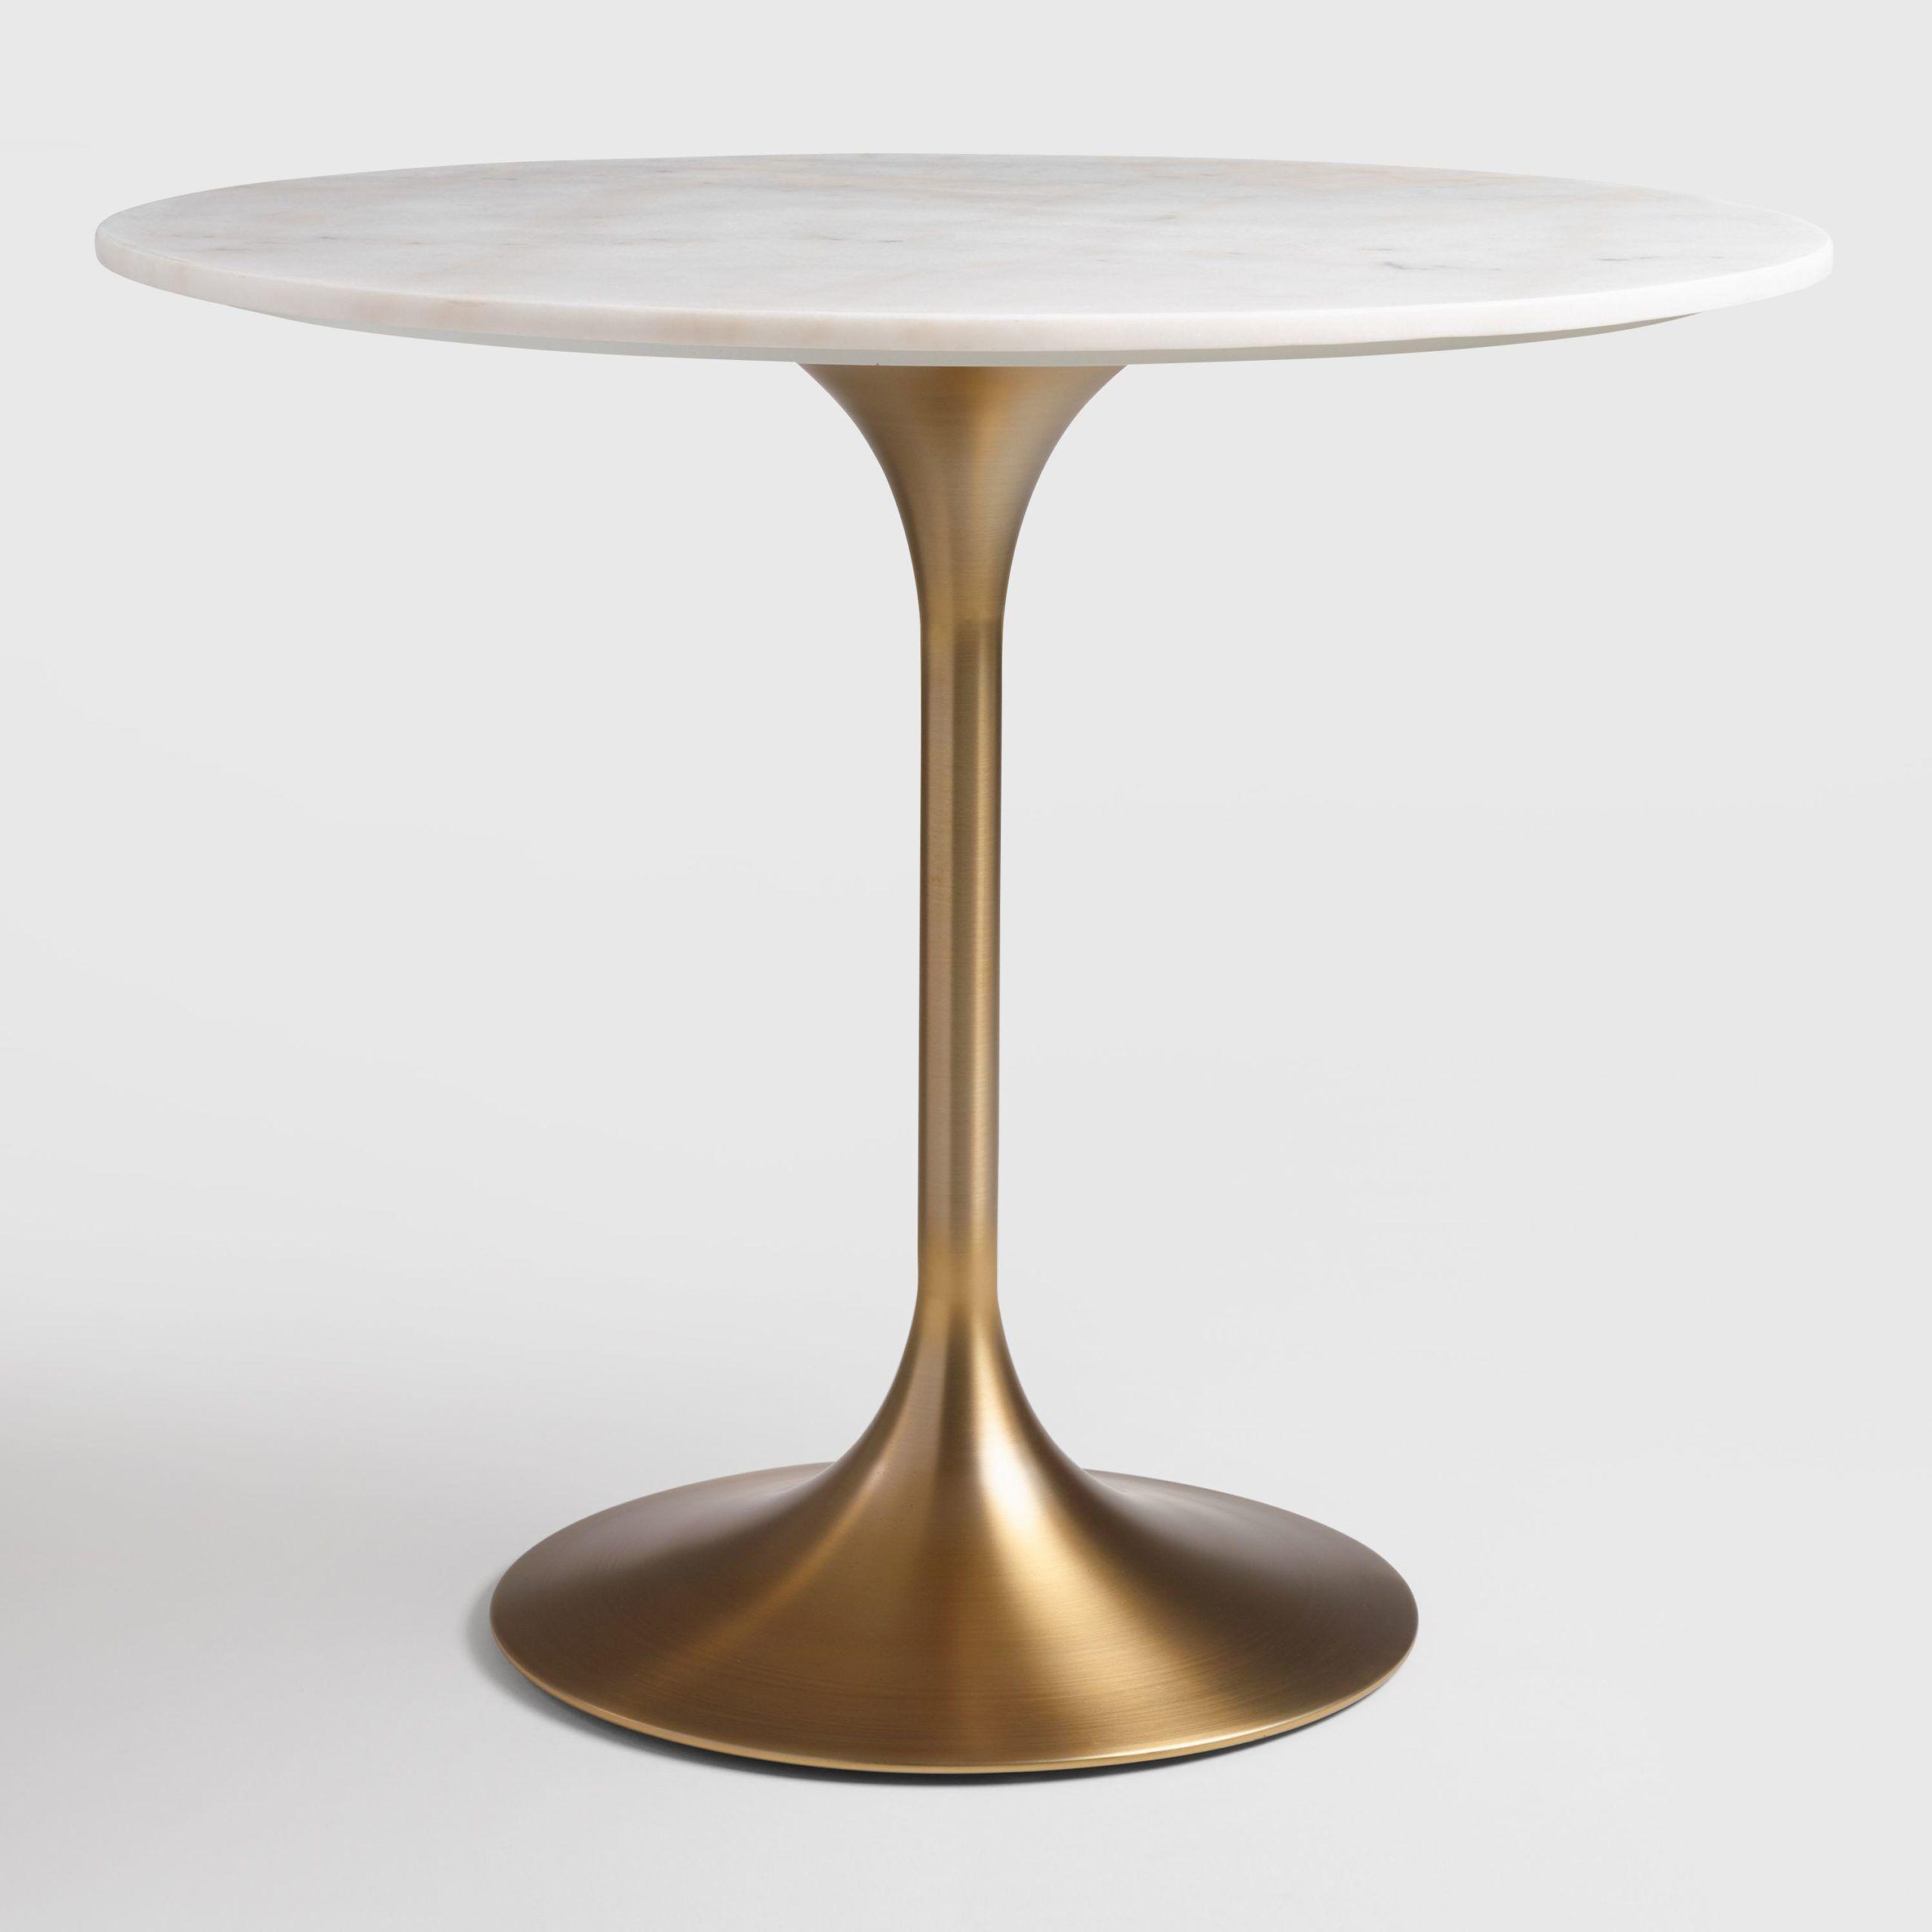 Kuchentische Die Einen Platz In Ihrem Zuhause Verdienen In 2020 Marmor Esstische Kuche Tisch Tulpentisch